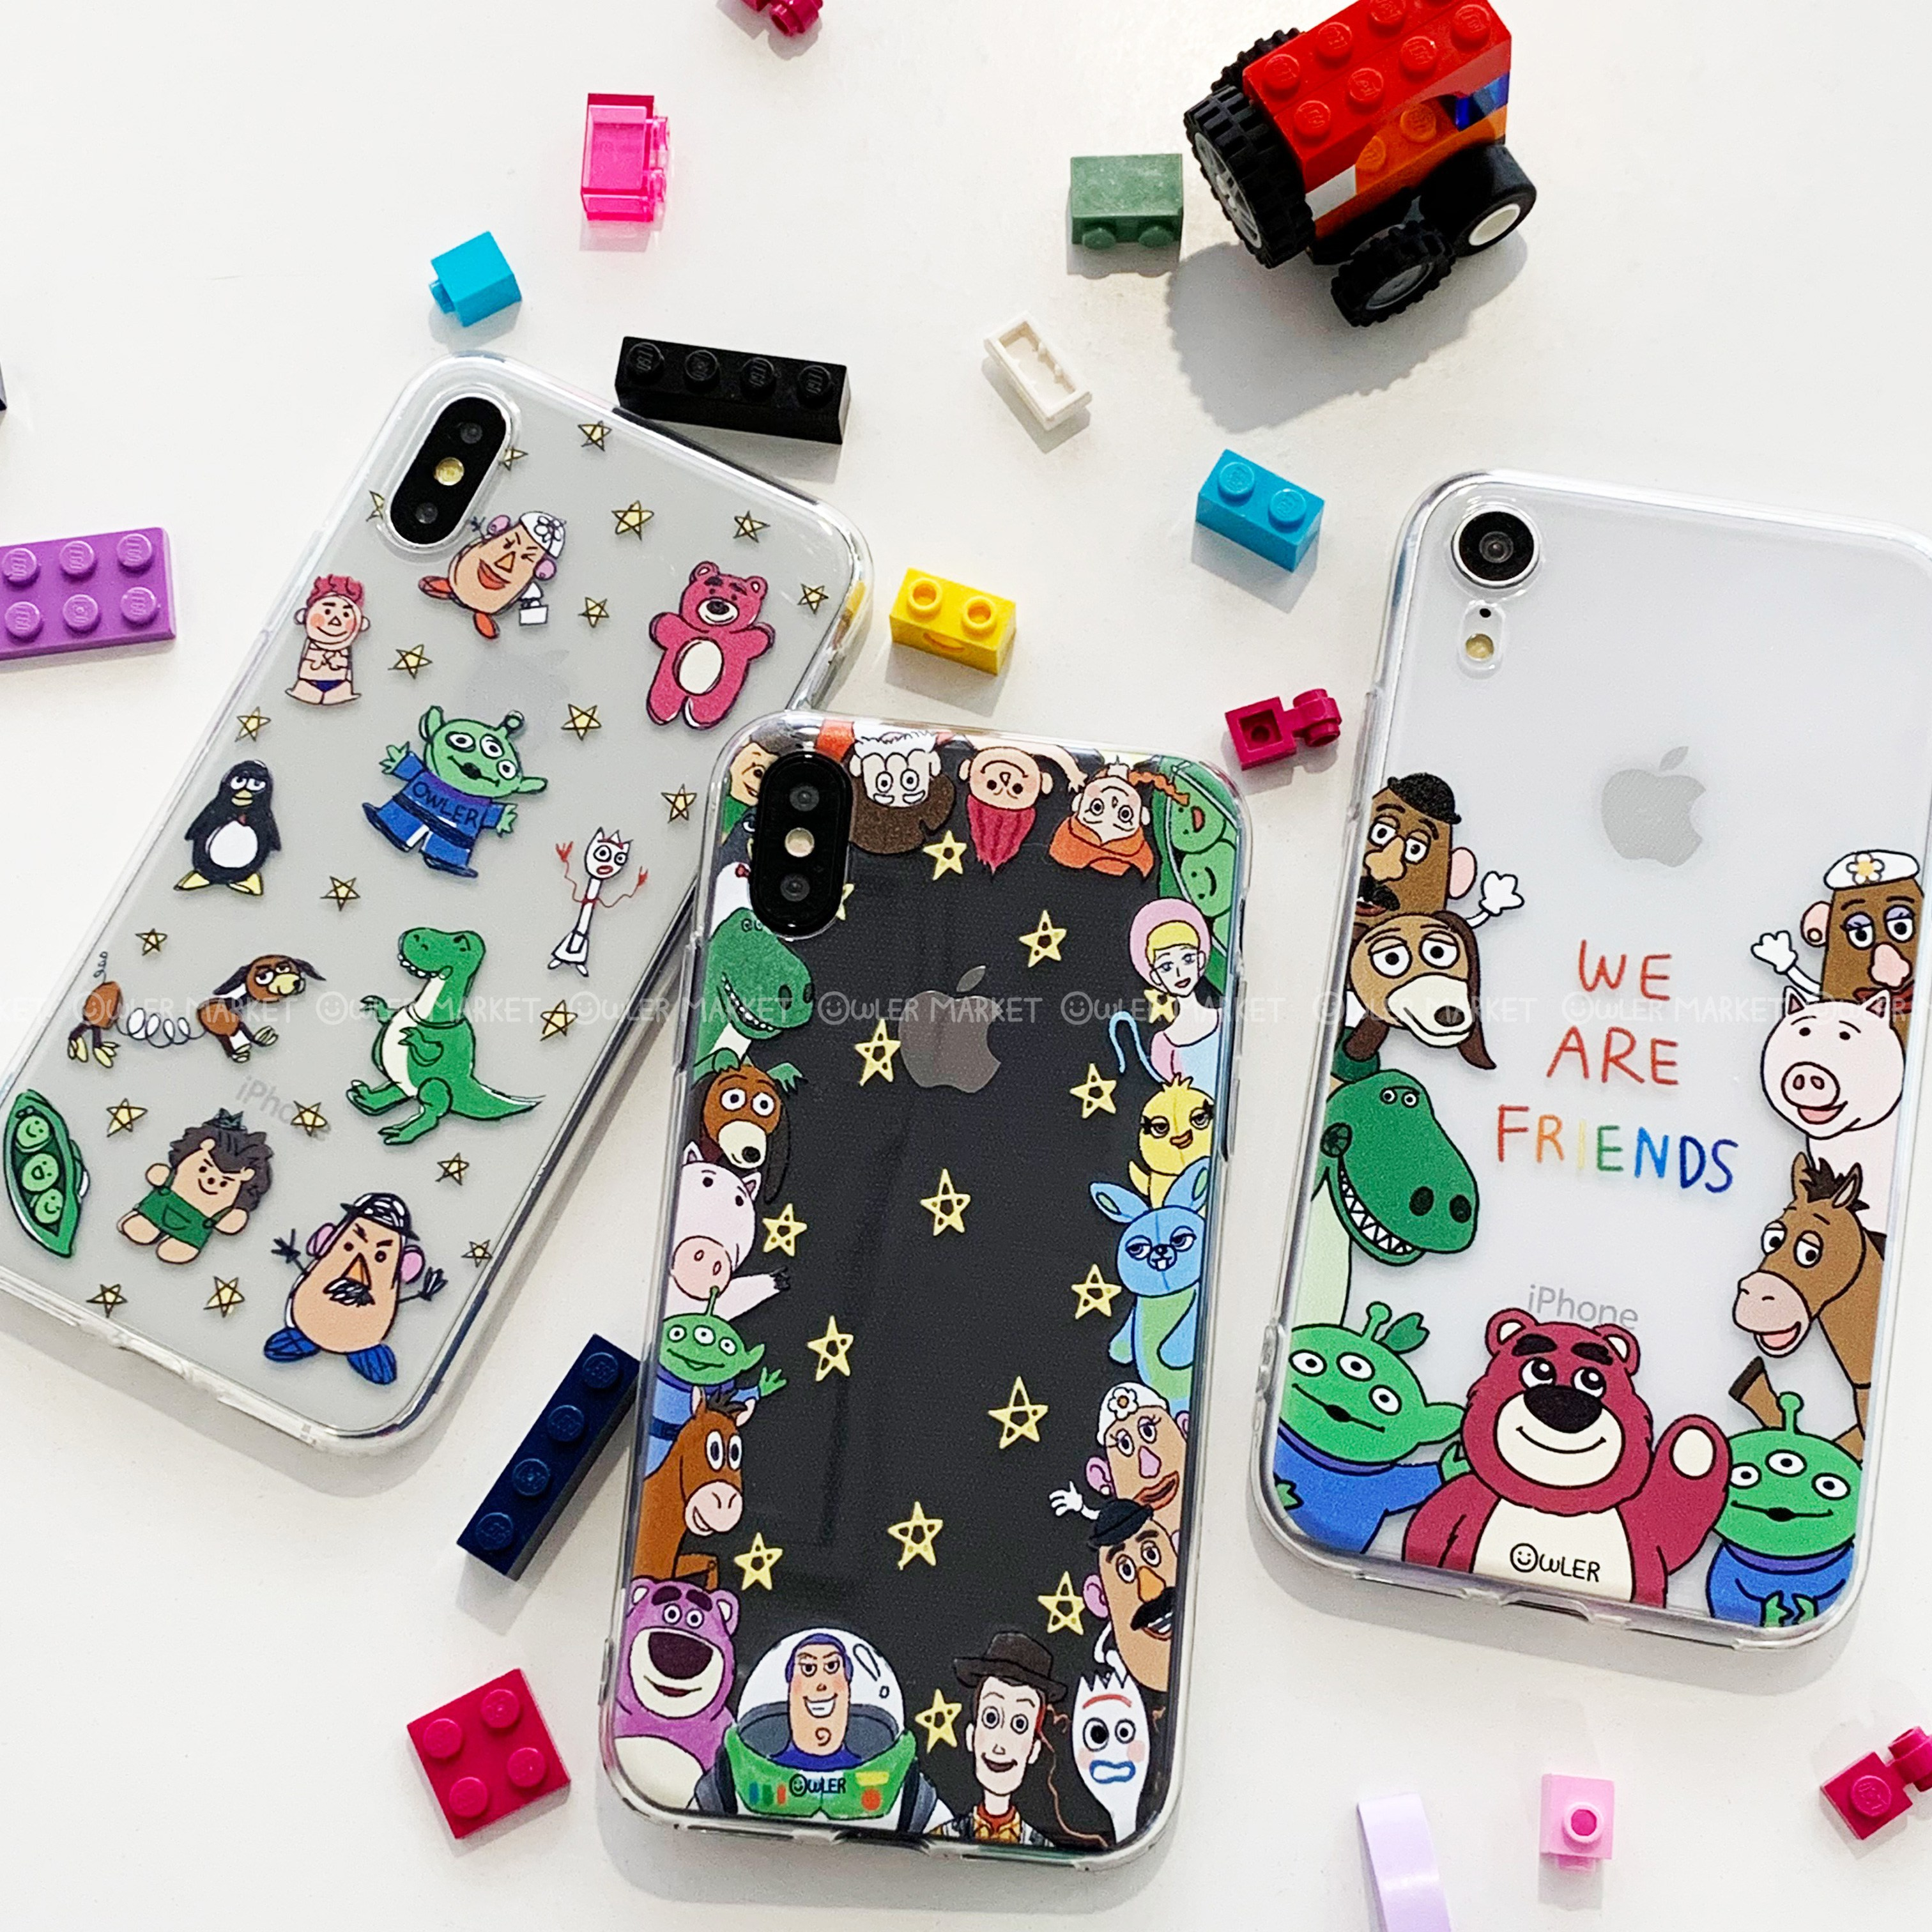 아울러마켓 토이스토리 아이폰 갤럭시 캐릭터 젤리 케이스 2019 NEW버전 휴대폰